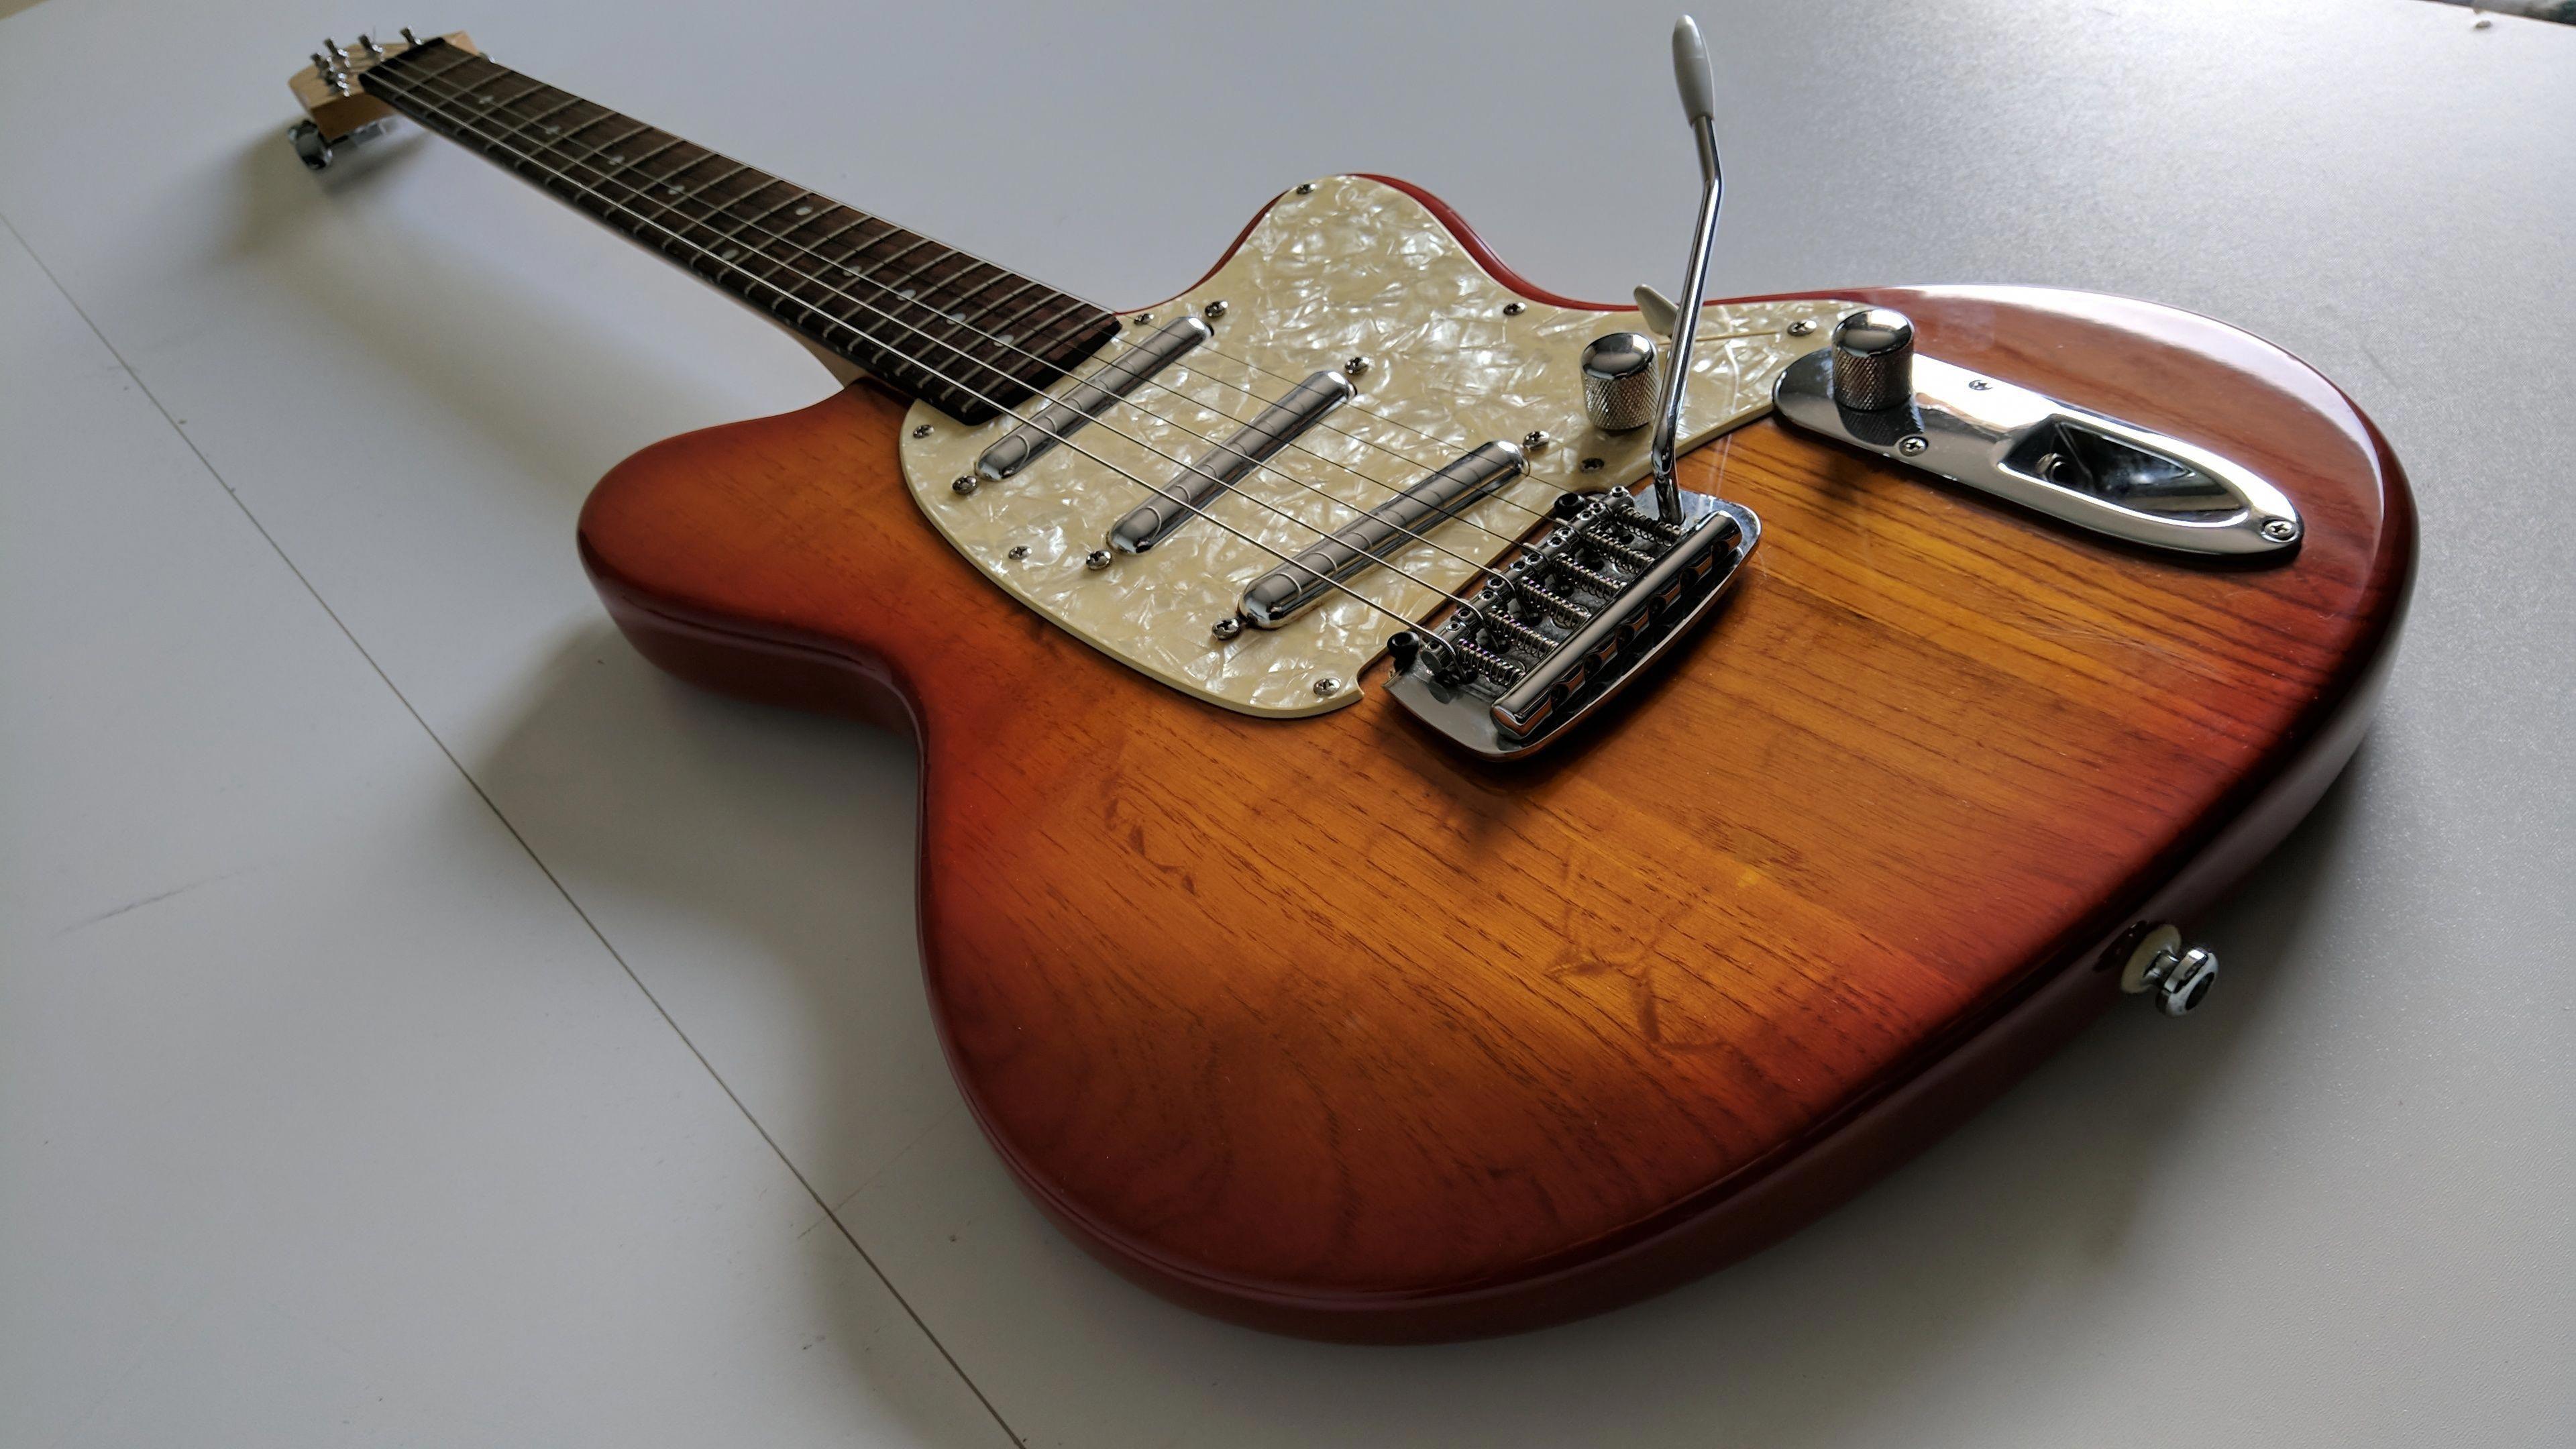 20 amazing ibanez guitar